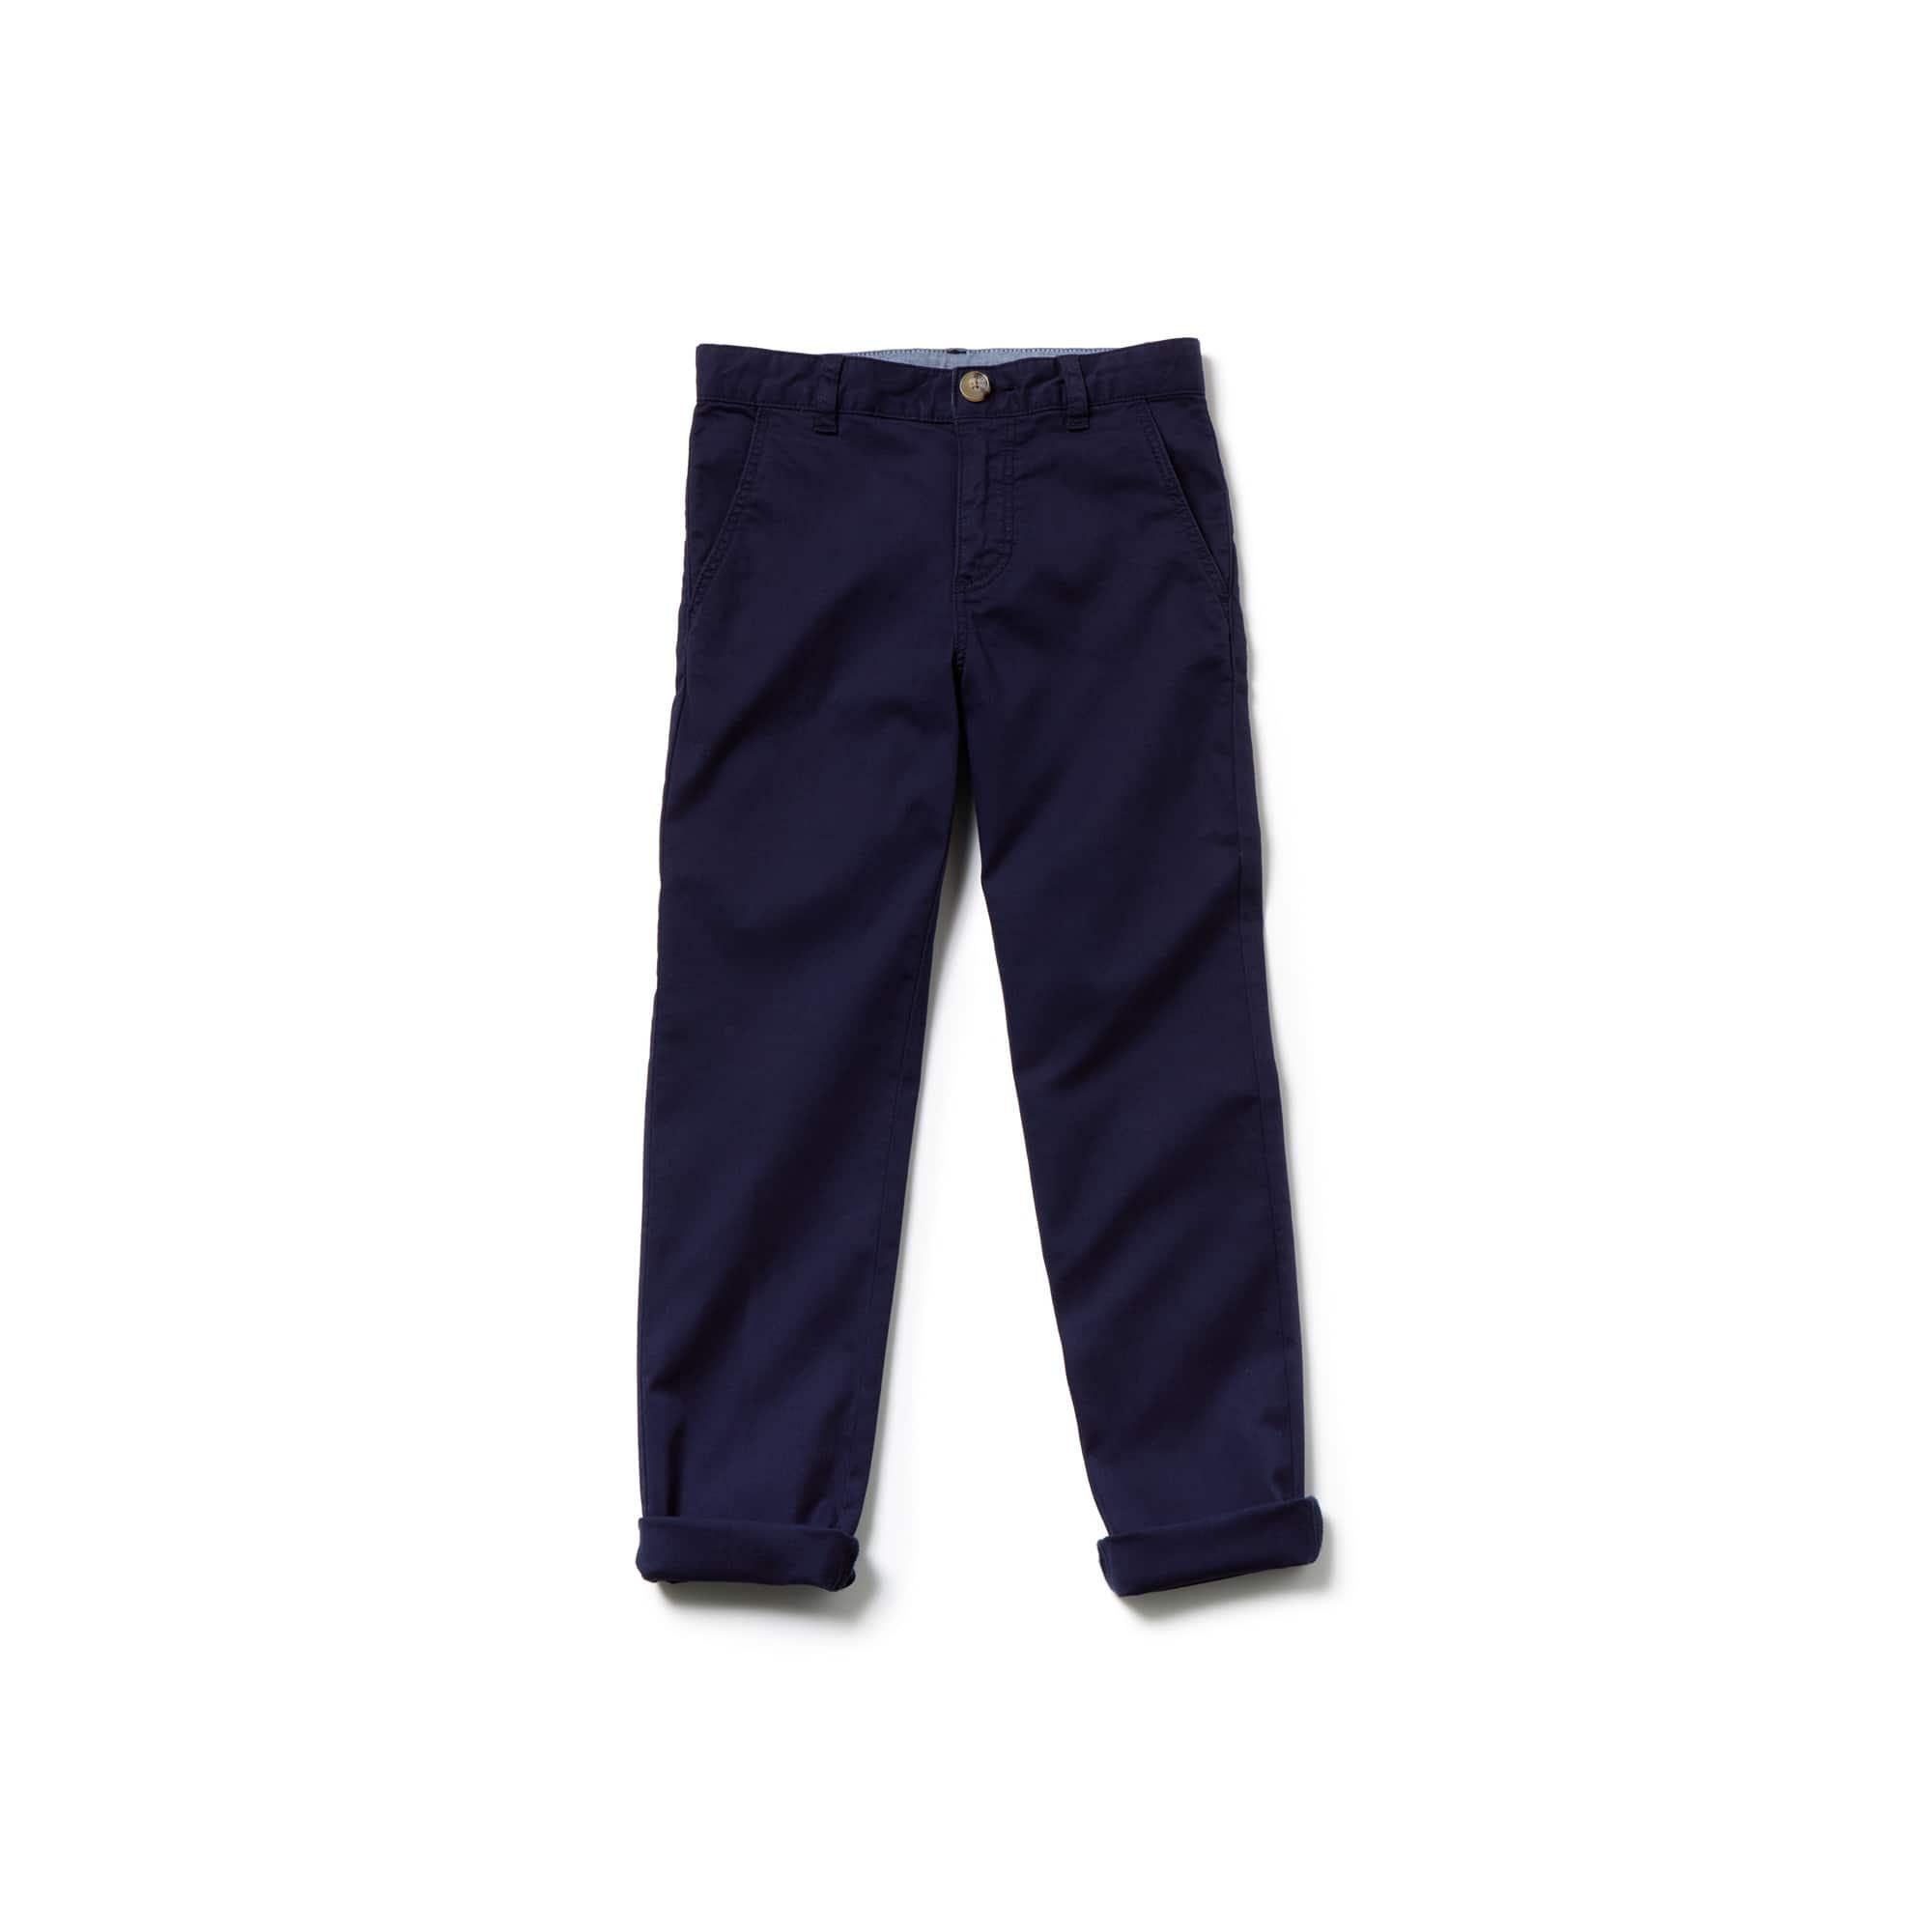 Calças chino Criança em gabardina de algodão colorido